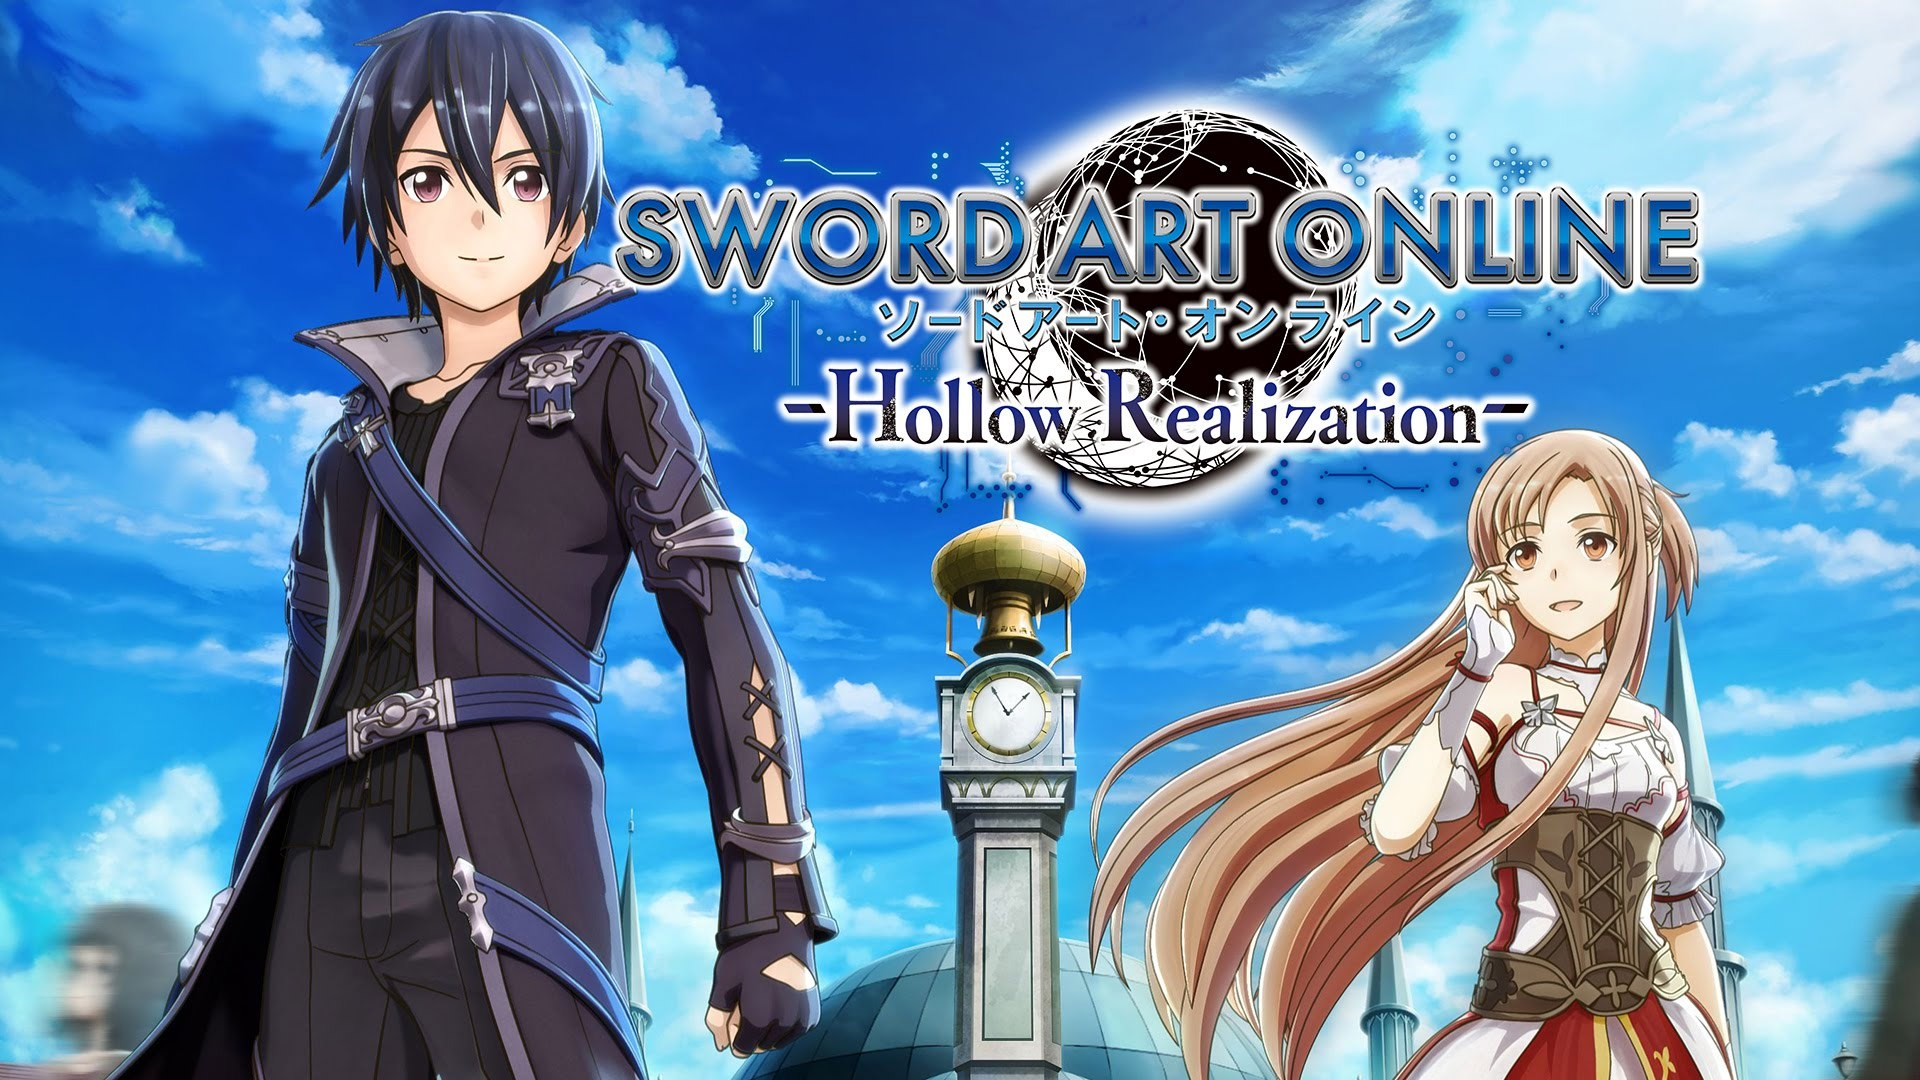 [Switch] Sword Art Online: Hollow Realization – Deluxe Edition chega em maio na Europa, versão física é confirmada